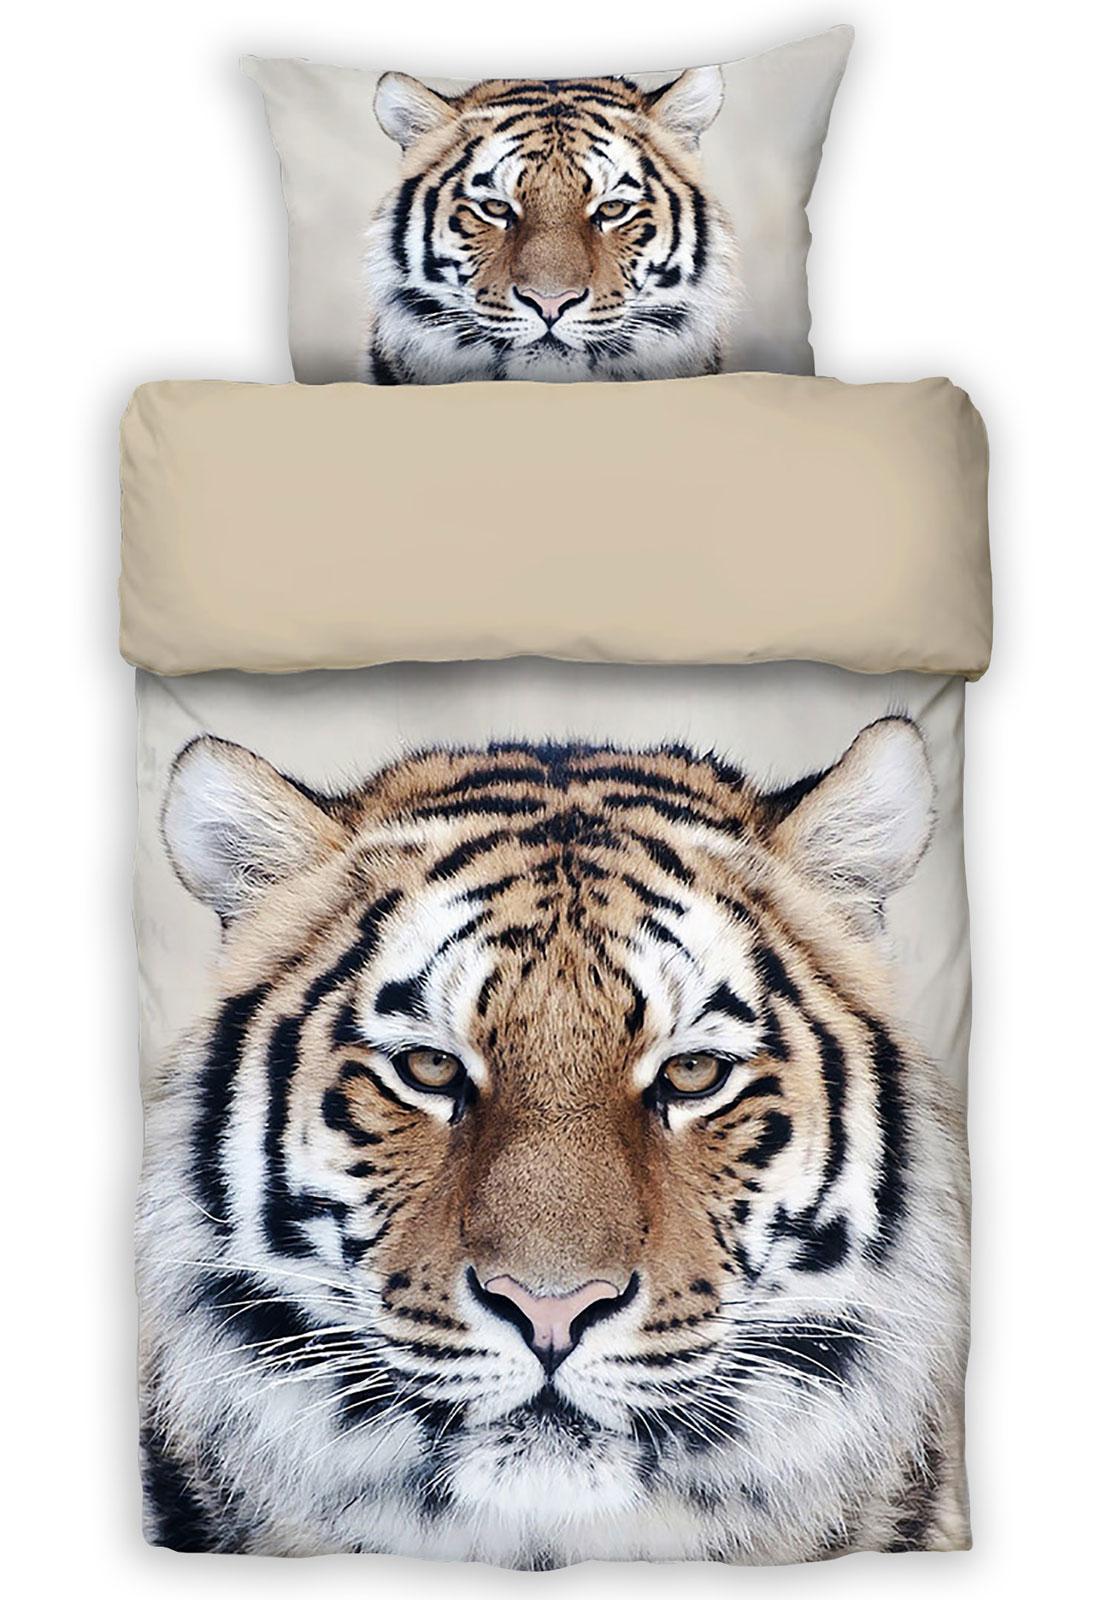 Bettwäsche - Mako Satin Bettwäsche Tiger 135x200 Digitaldruck von MOON Art. D1831 655  - Onlineshop PremiumShop321